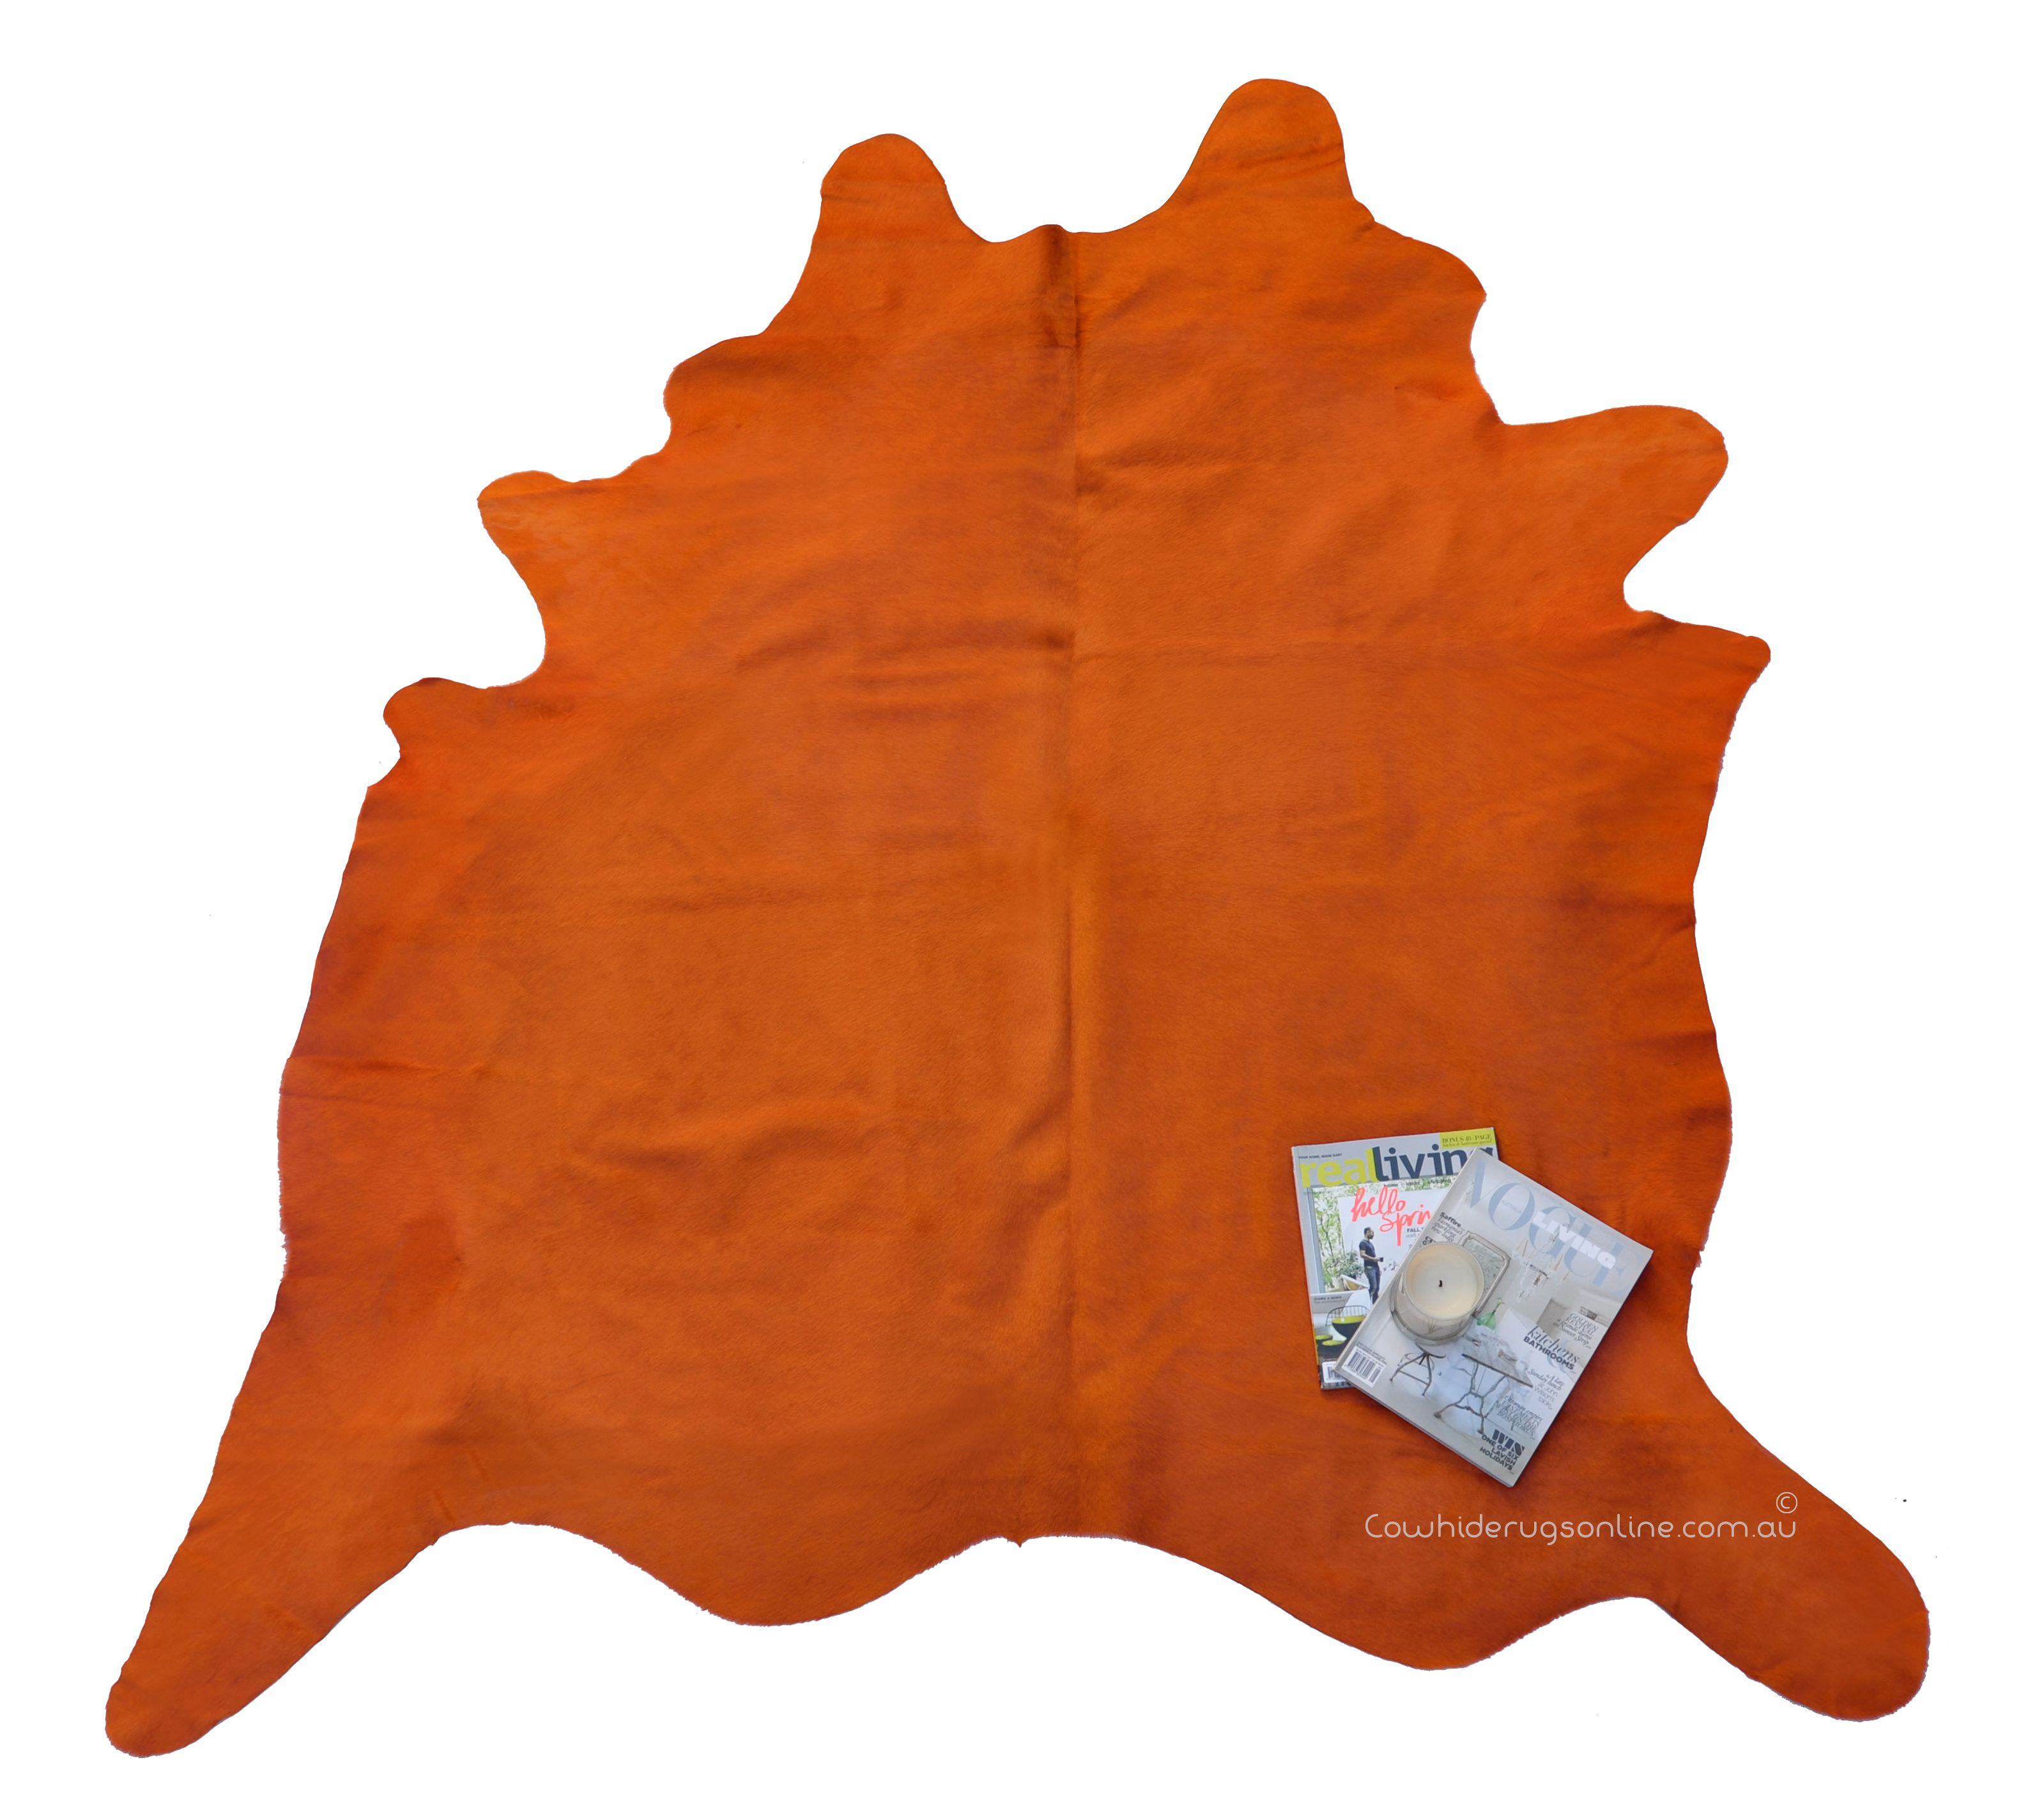 Www Cowhiderugsonline Com Au 569 Australia Wide Fast Delivery Bright Orange Cowhide Rug Purple Cowhide Rug Cow Hide Rug